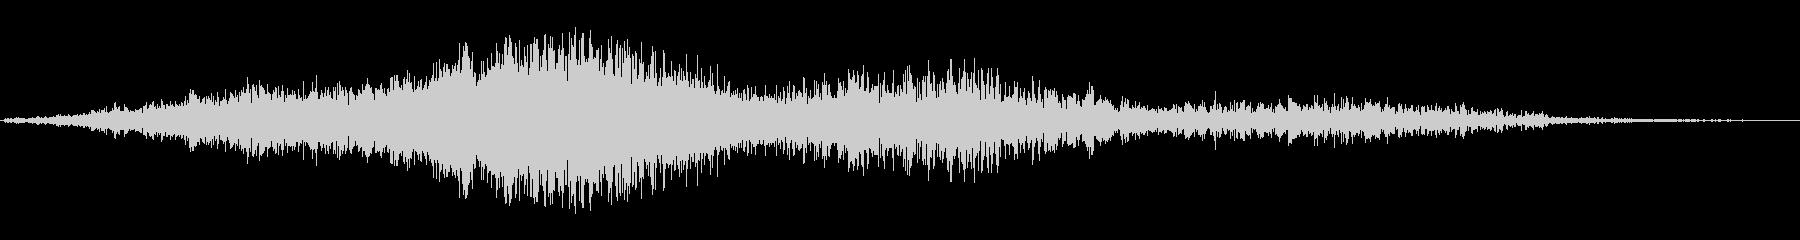 ジャオワォ(反響する耳障りな摩擦音)の未再生の波形